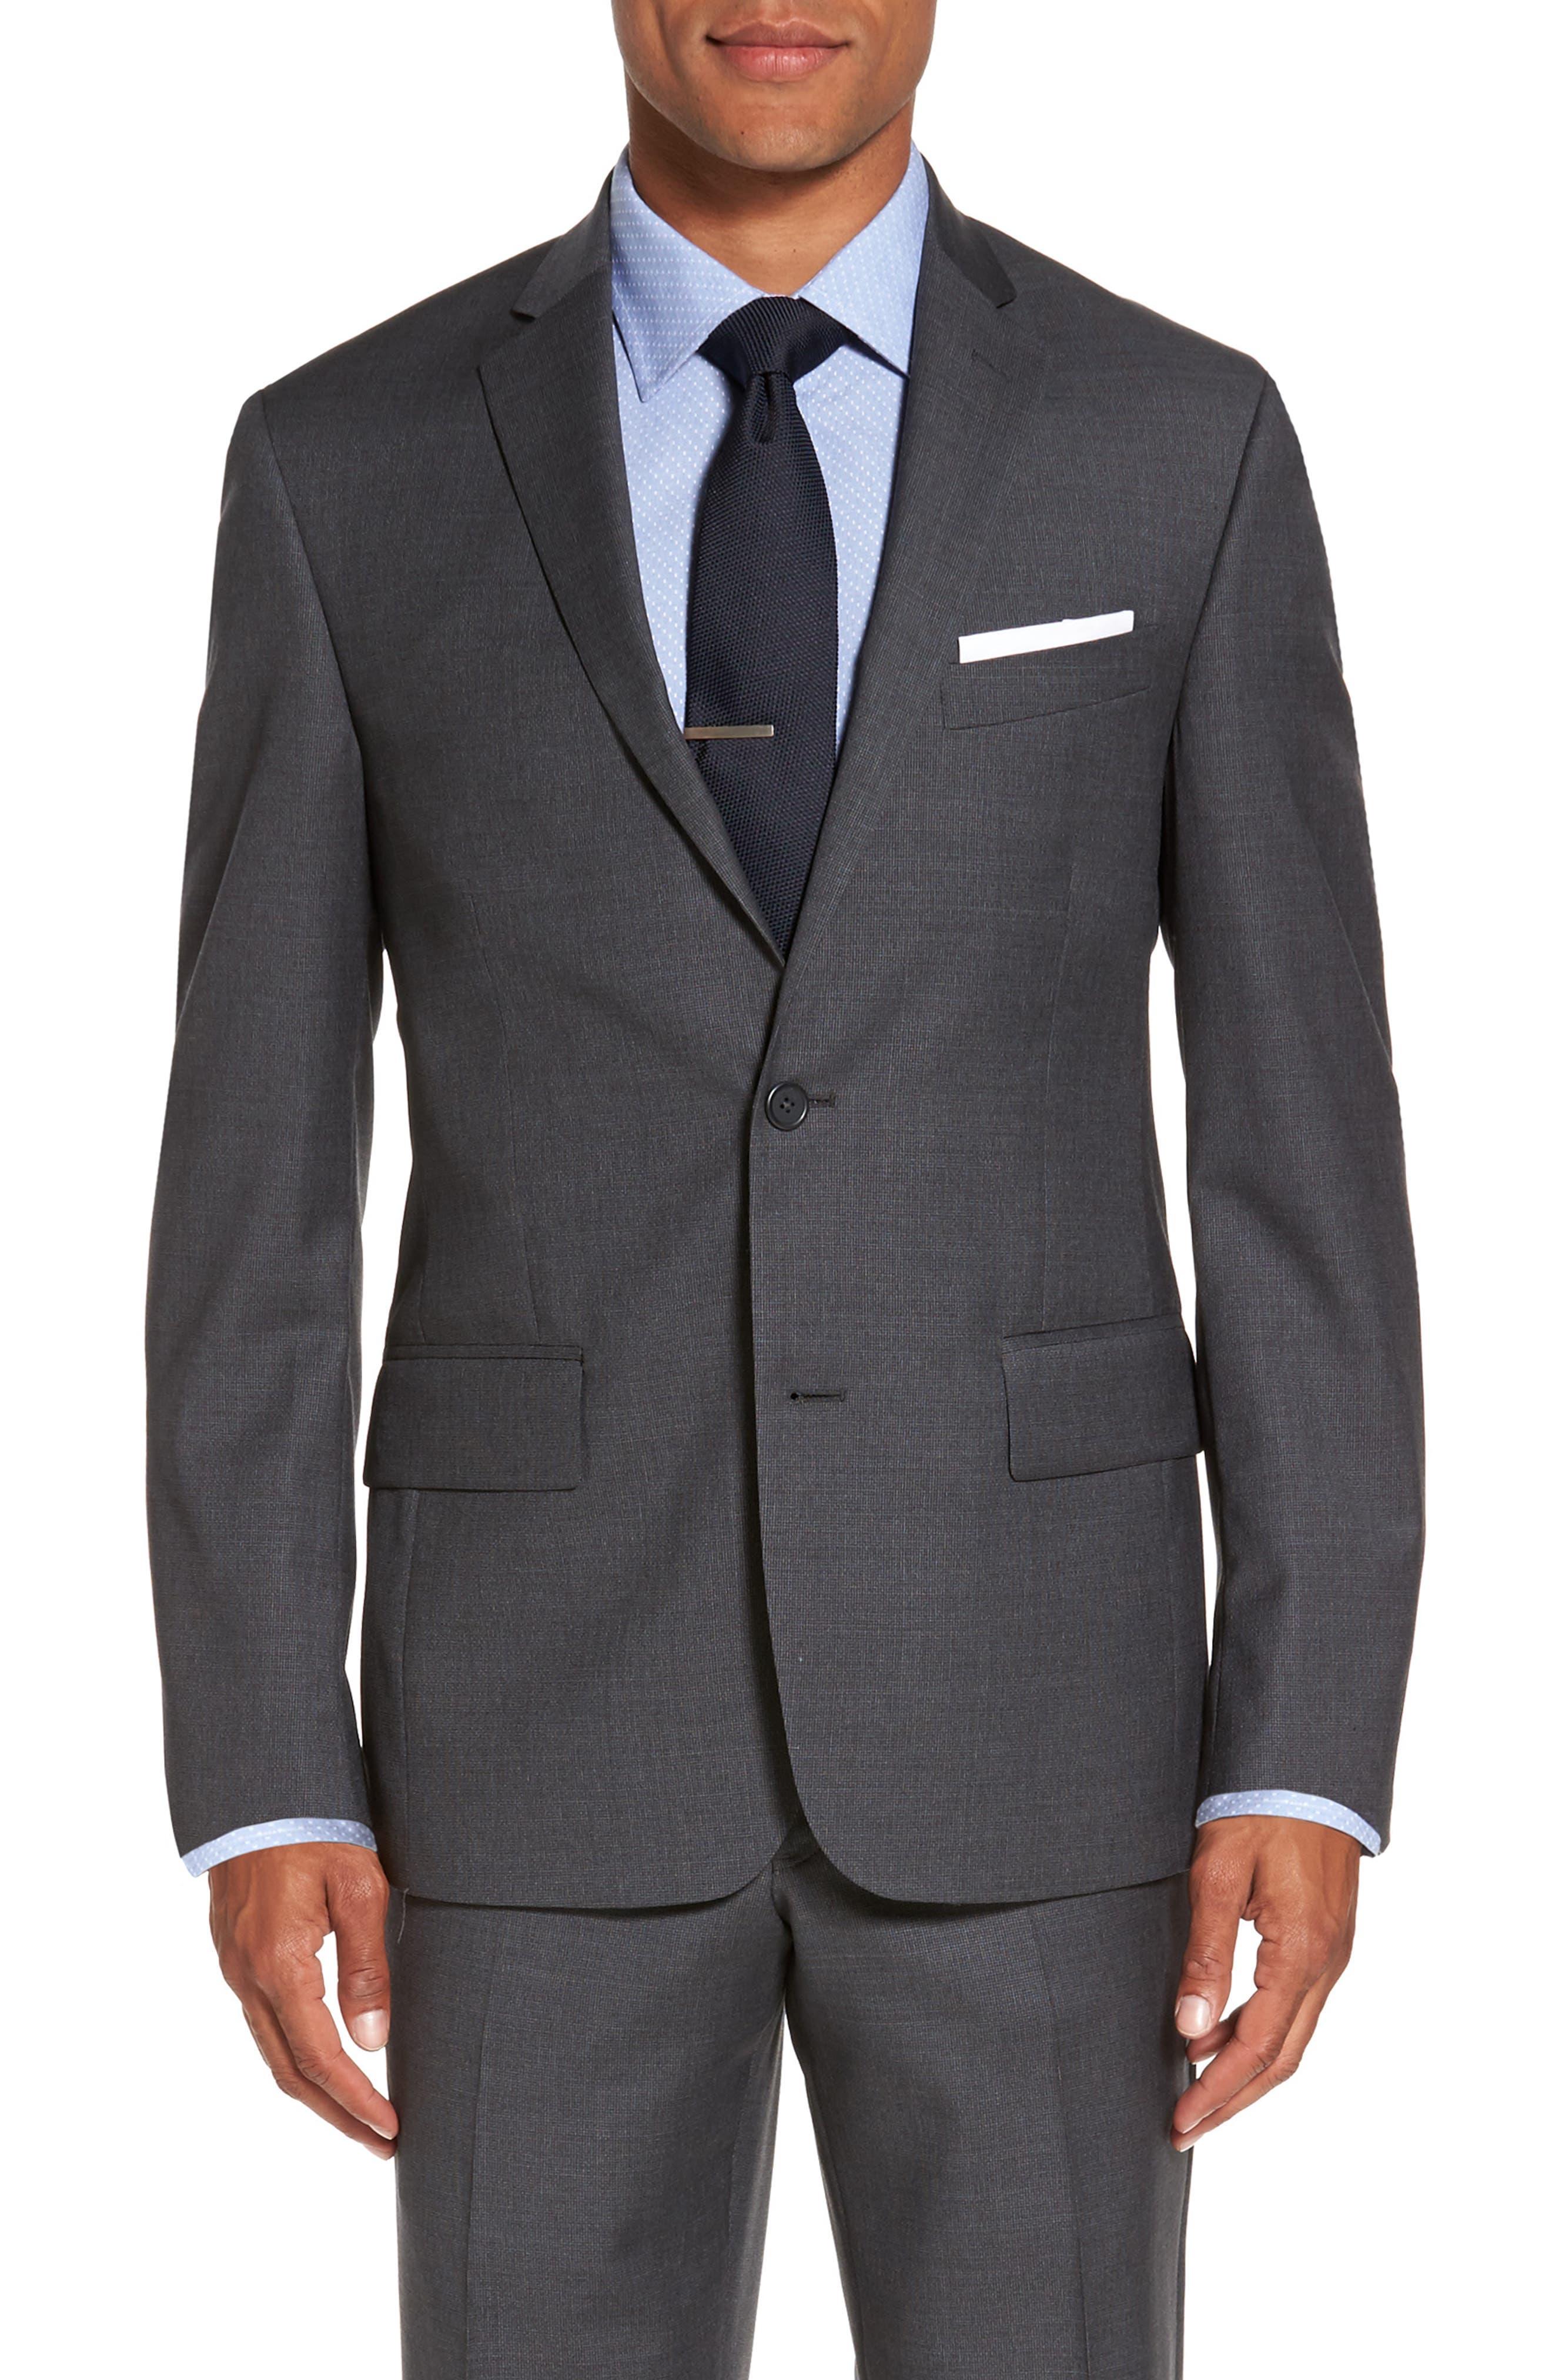 Nordstrom Men's Shop Classic Fit Solid Wool Suit